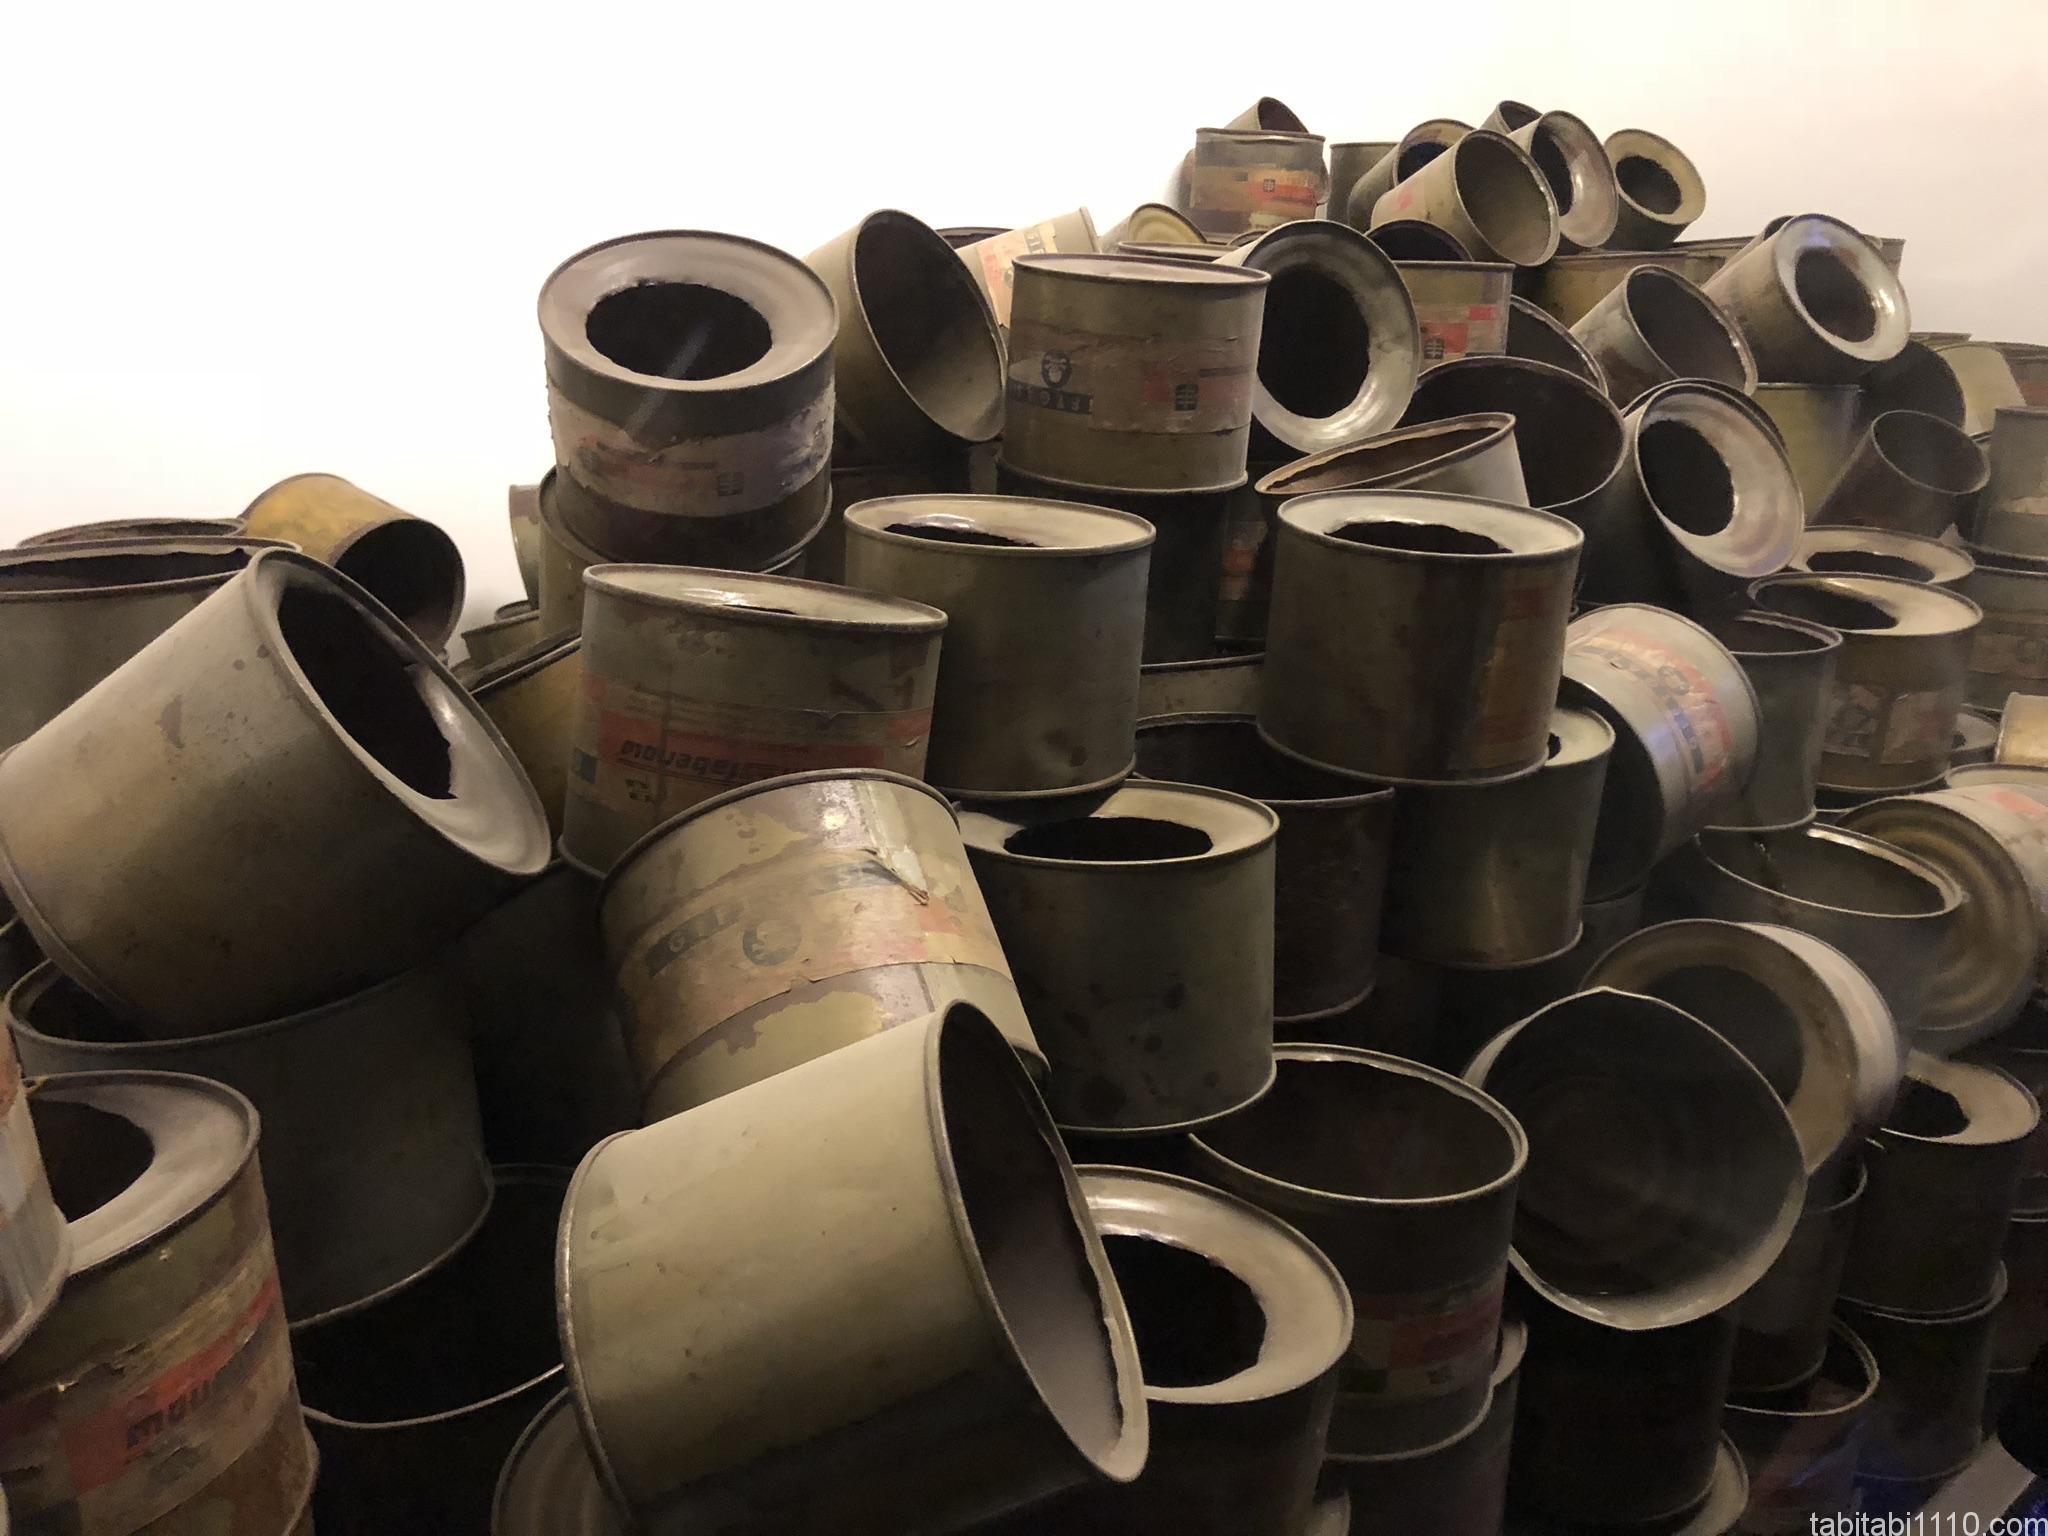 アウシュビッツ強制収容所|ガス缶